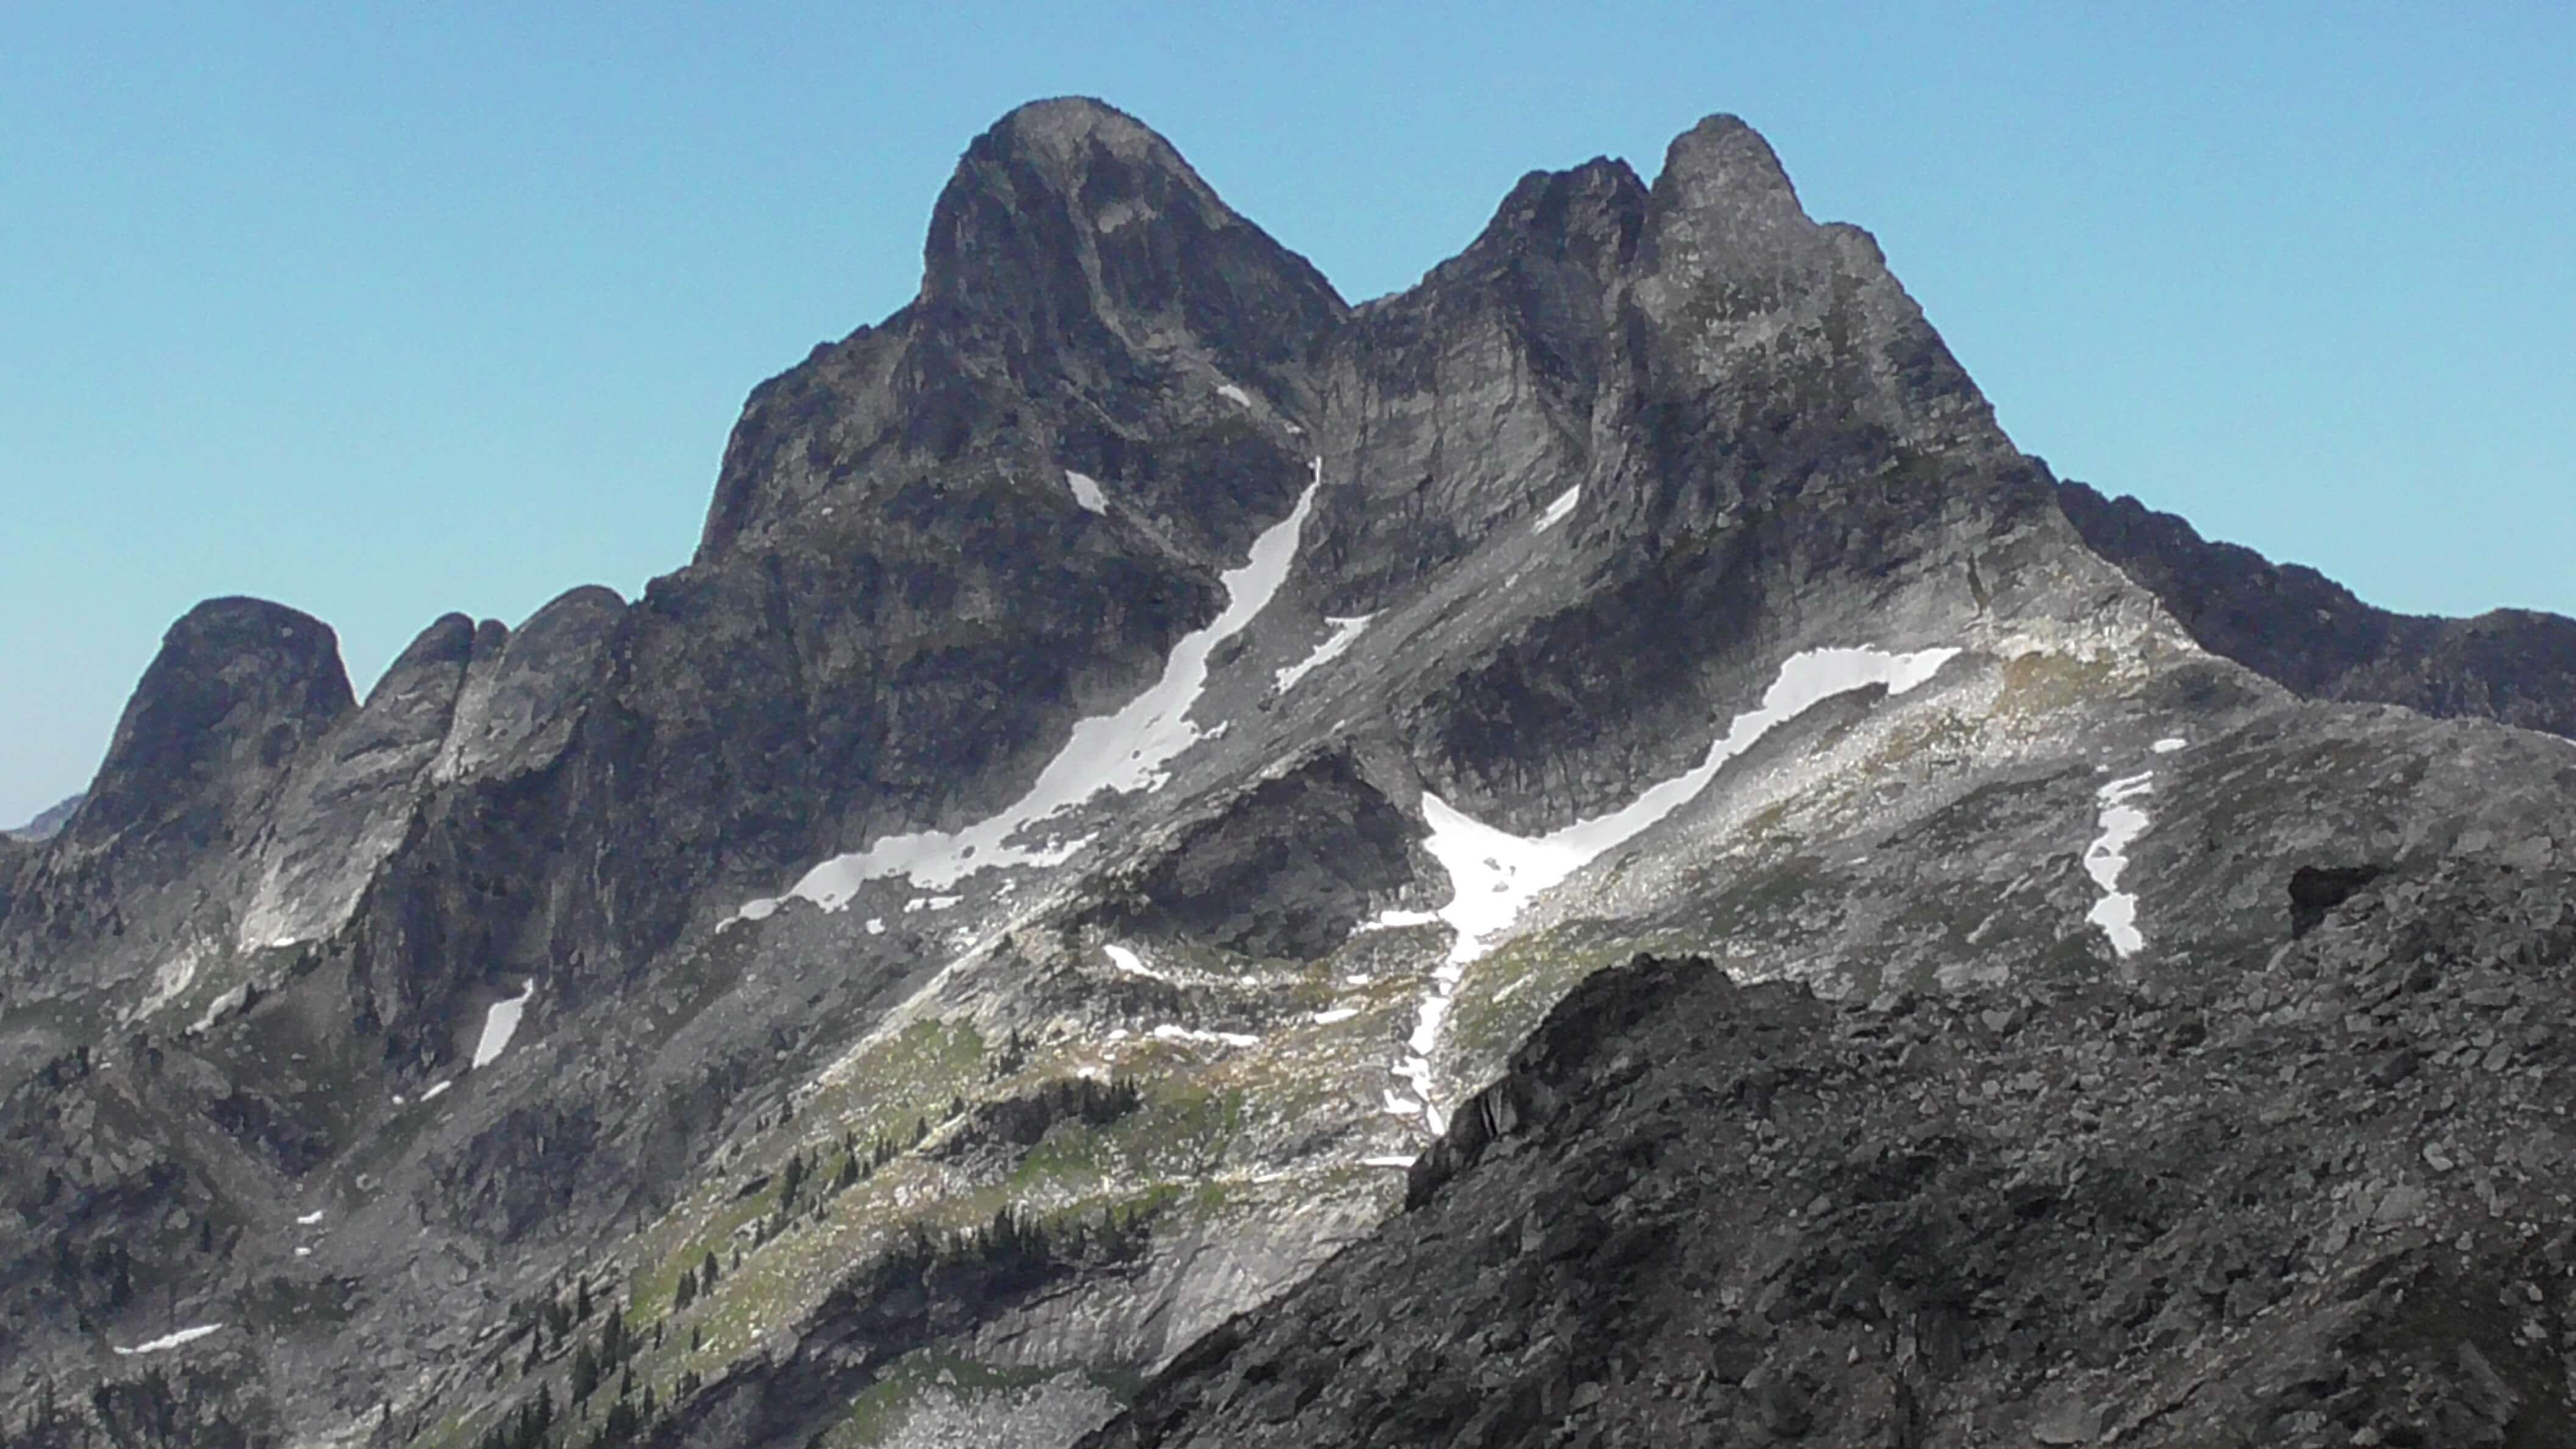 Valhalla Provincial Park, British Columbia